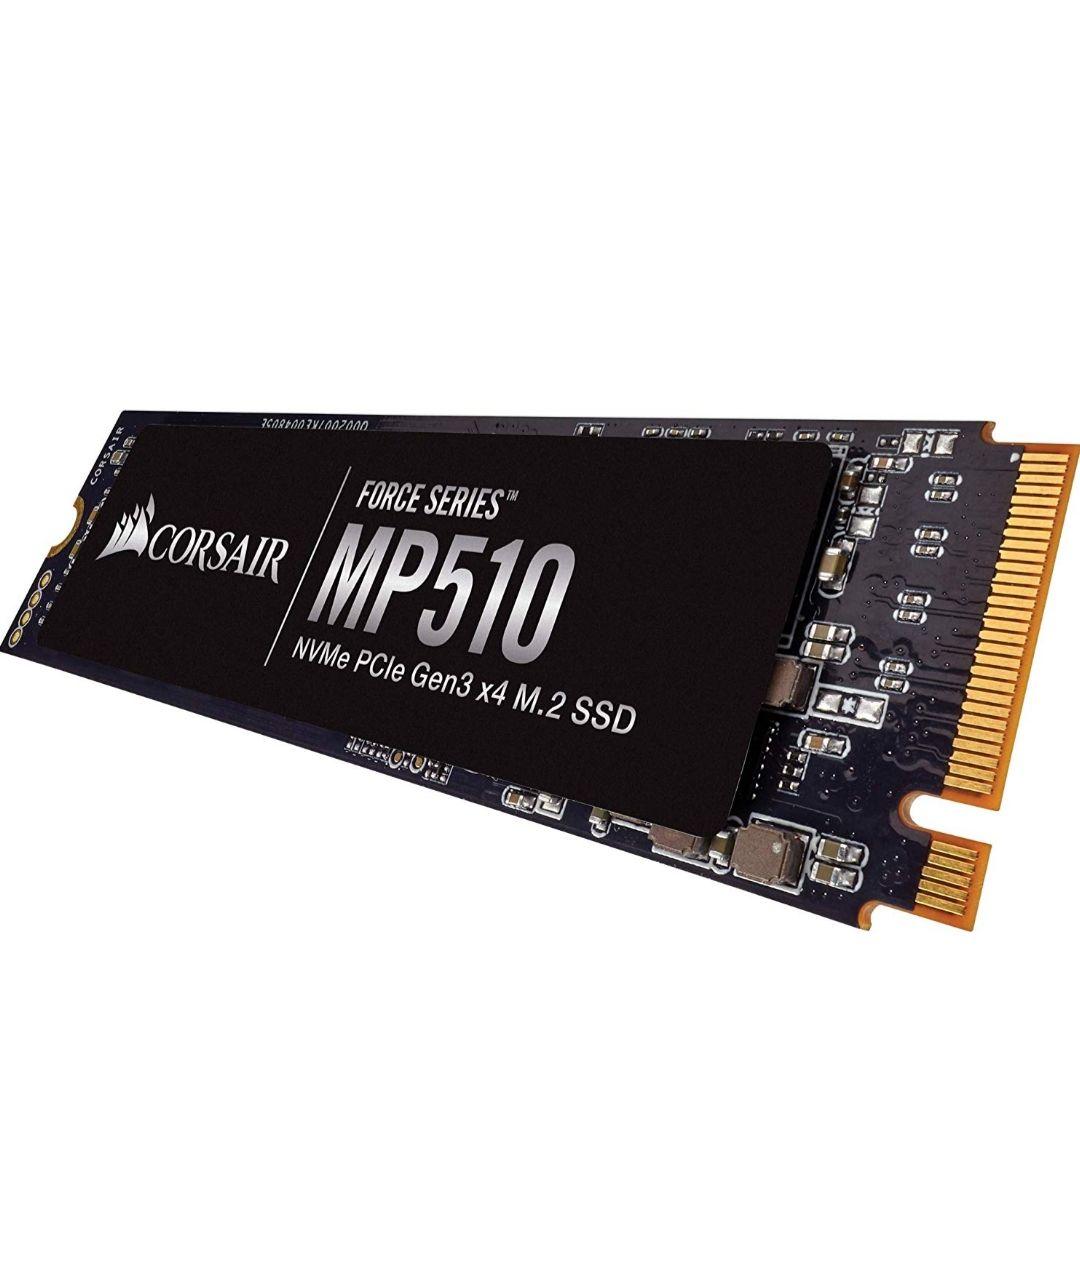 CORSAIR Force MP510 - Unidad de Estado sólido, SSD de 240 GB, NVMe PCIe Gen3 x4 M.2-SSD, hasta 3,100 MB/s